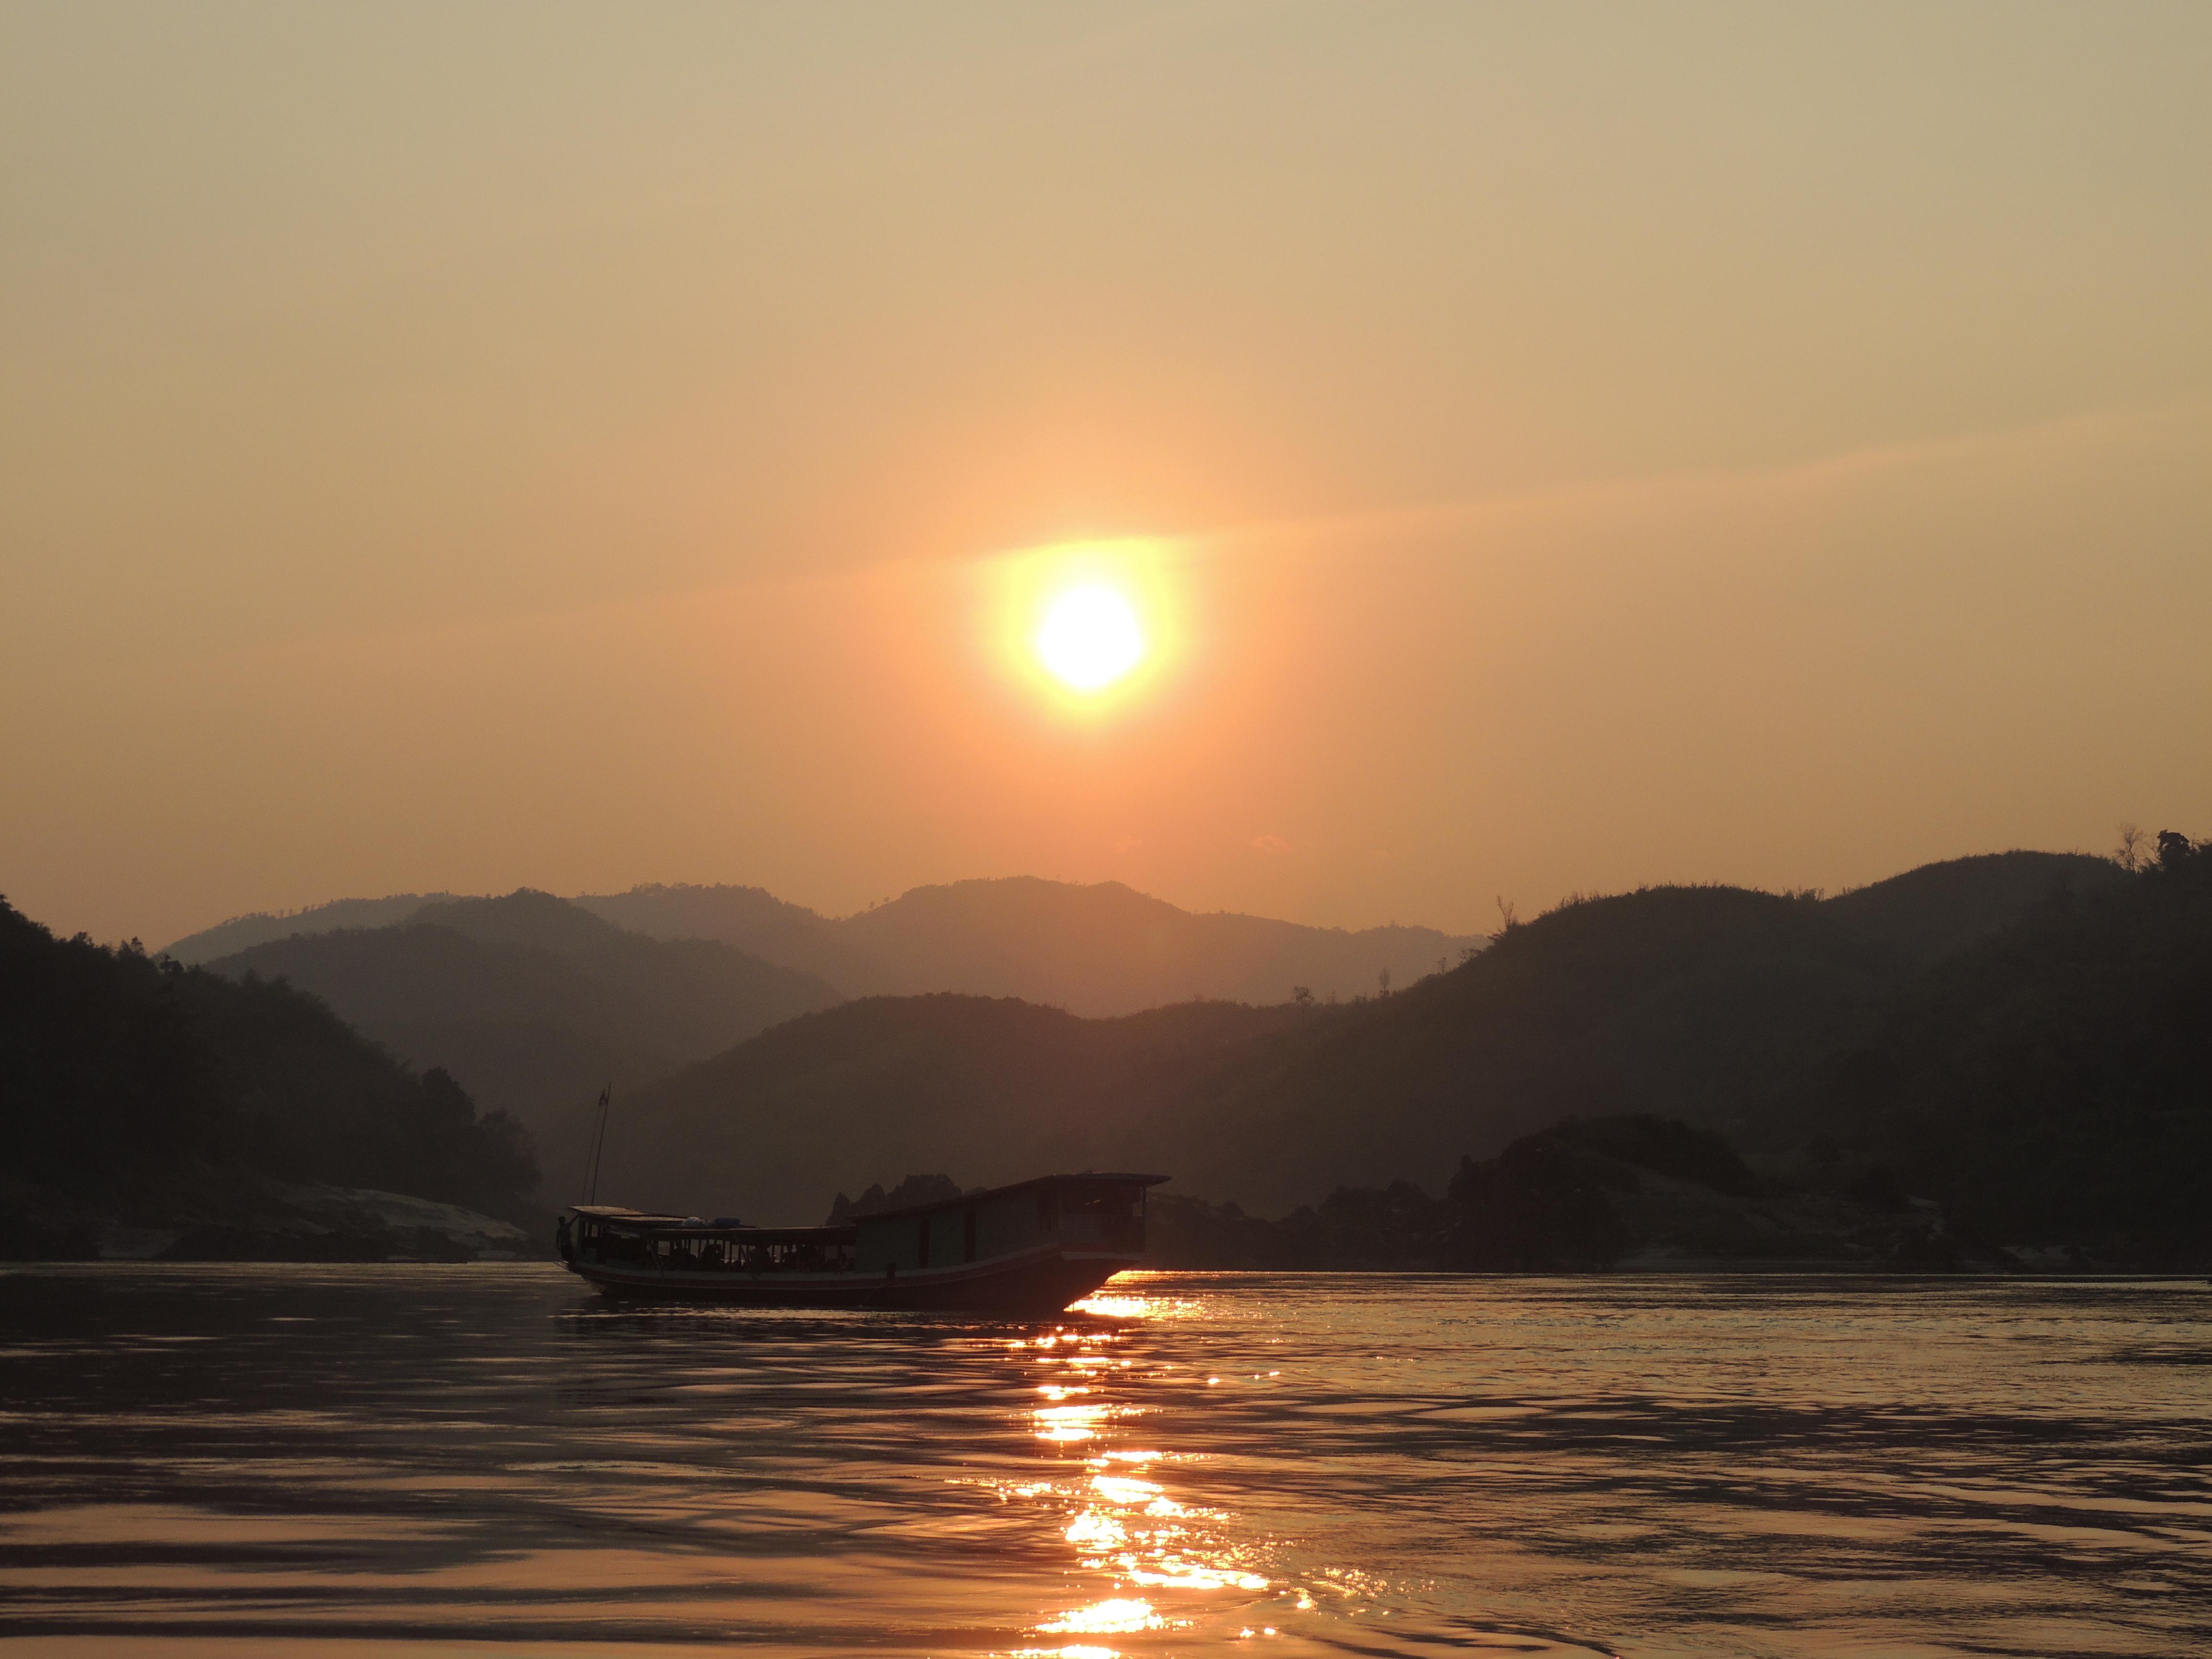 Un site sympa pour ses voyages : laosvo.com